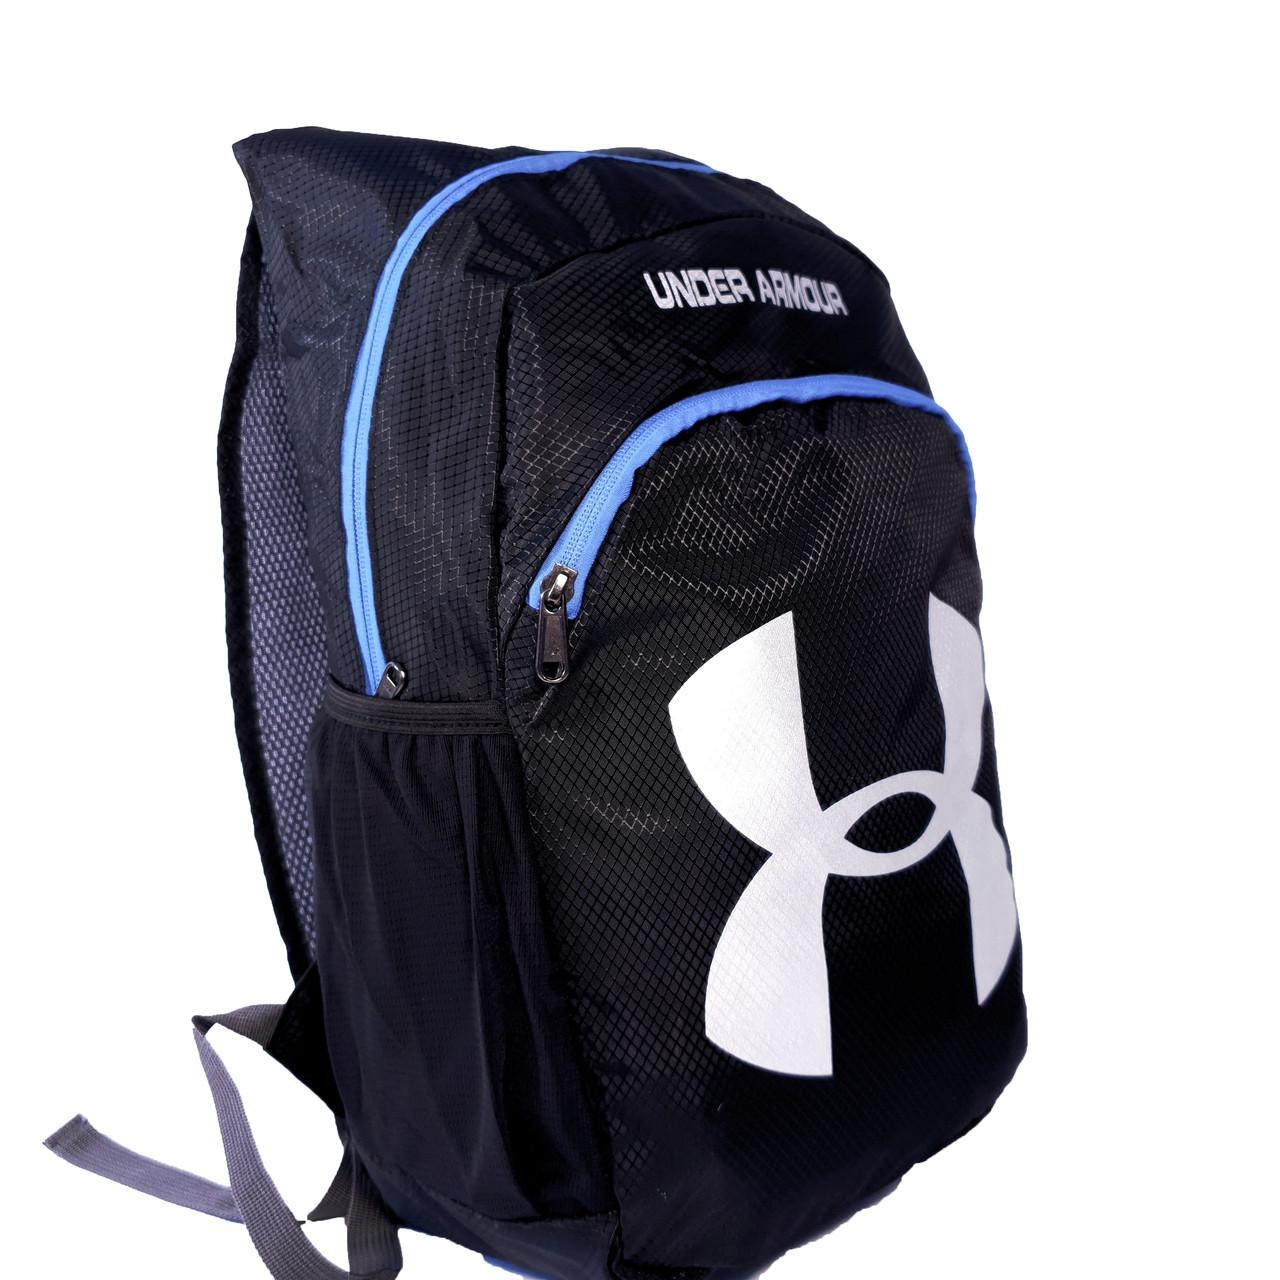 Спортивный рюкзак Under Armour, РАСПРОДАЖА